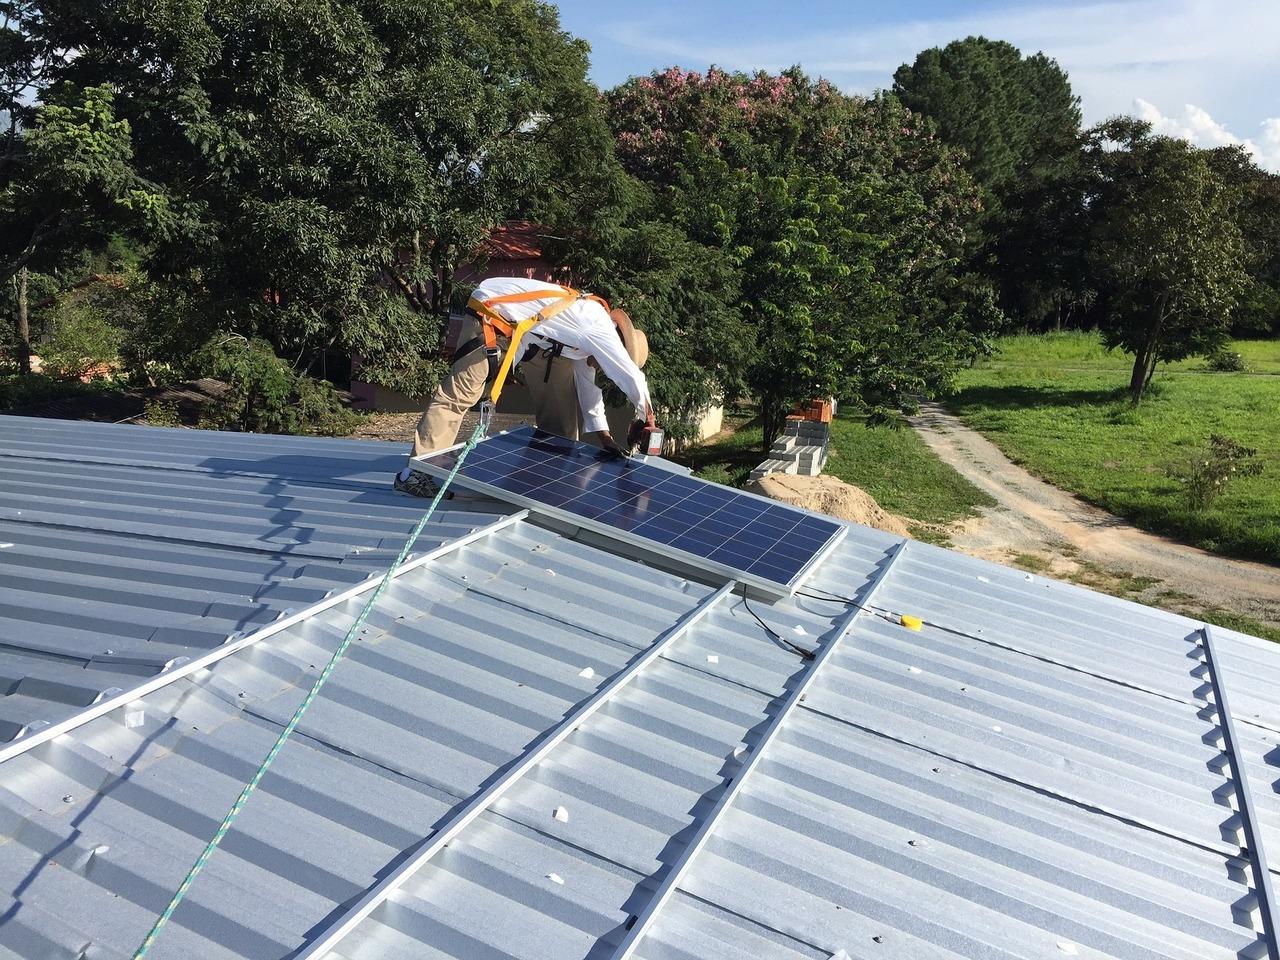 Je mehr Photovoltaikanlagen installiert werden, desto weiter sinken die Kosten